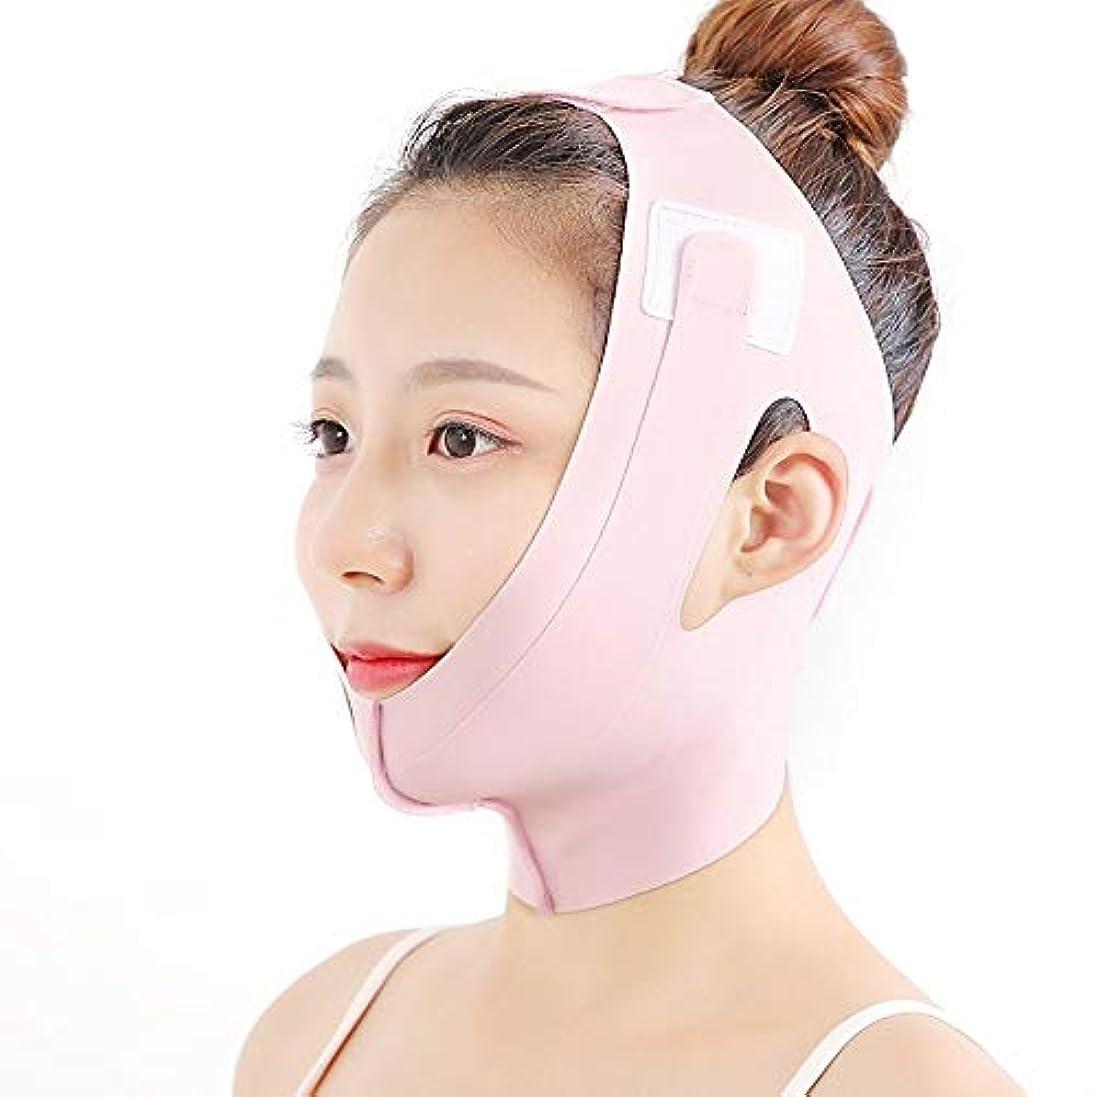 キネマティクス本能インシデントHEMFV フェイススリミングベルト、フェイススリミングスリムリフトスキン包帯二重あごスリミングベルトを締め、コンパクト顔の皮膚のためのマスク